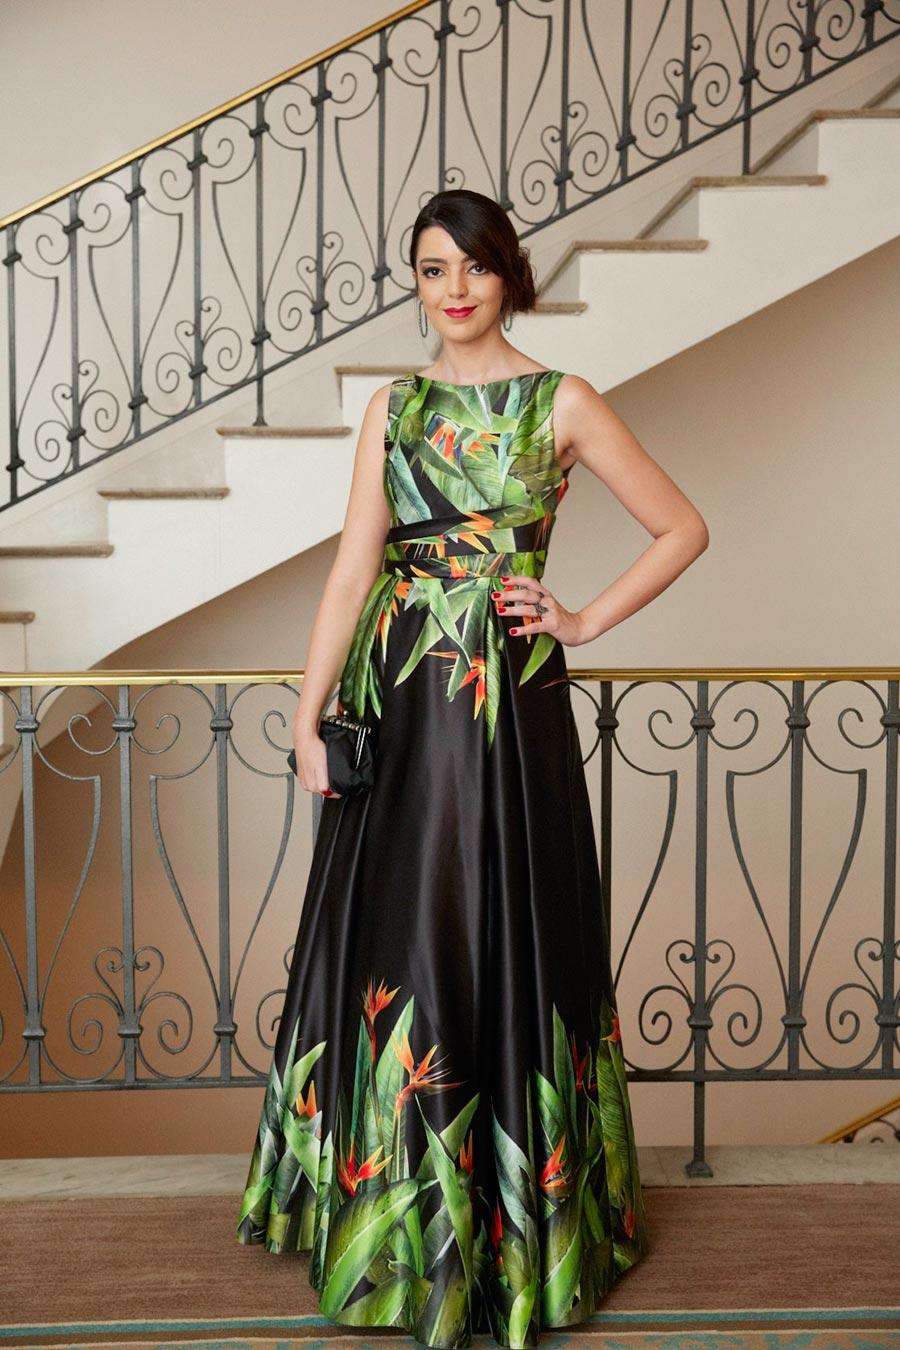 1ffc120756 Vestido longo estampado  crie looks originais e despojados com a peça